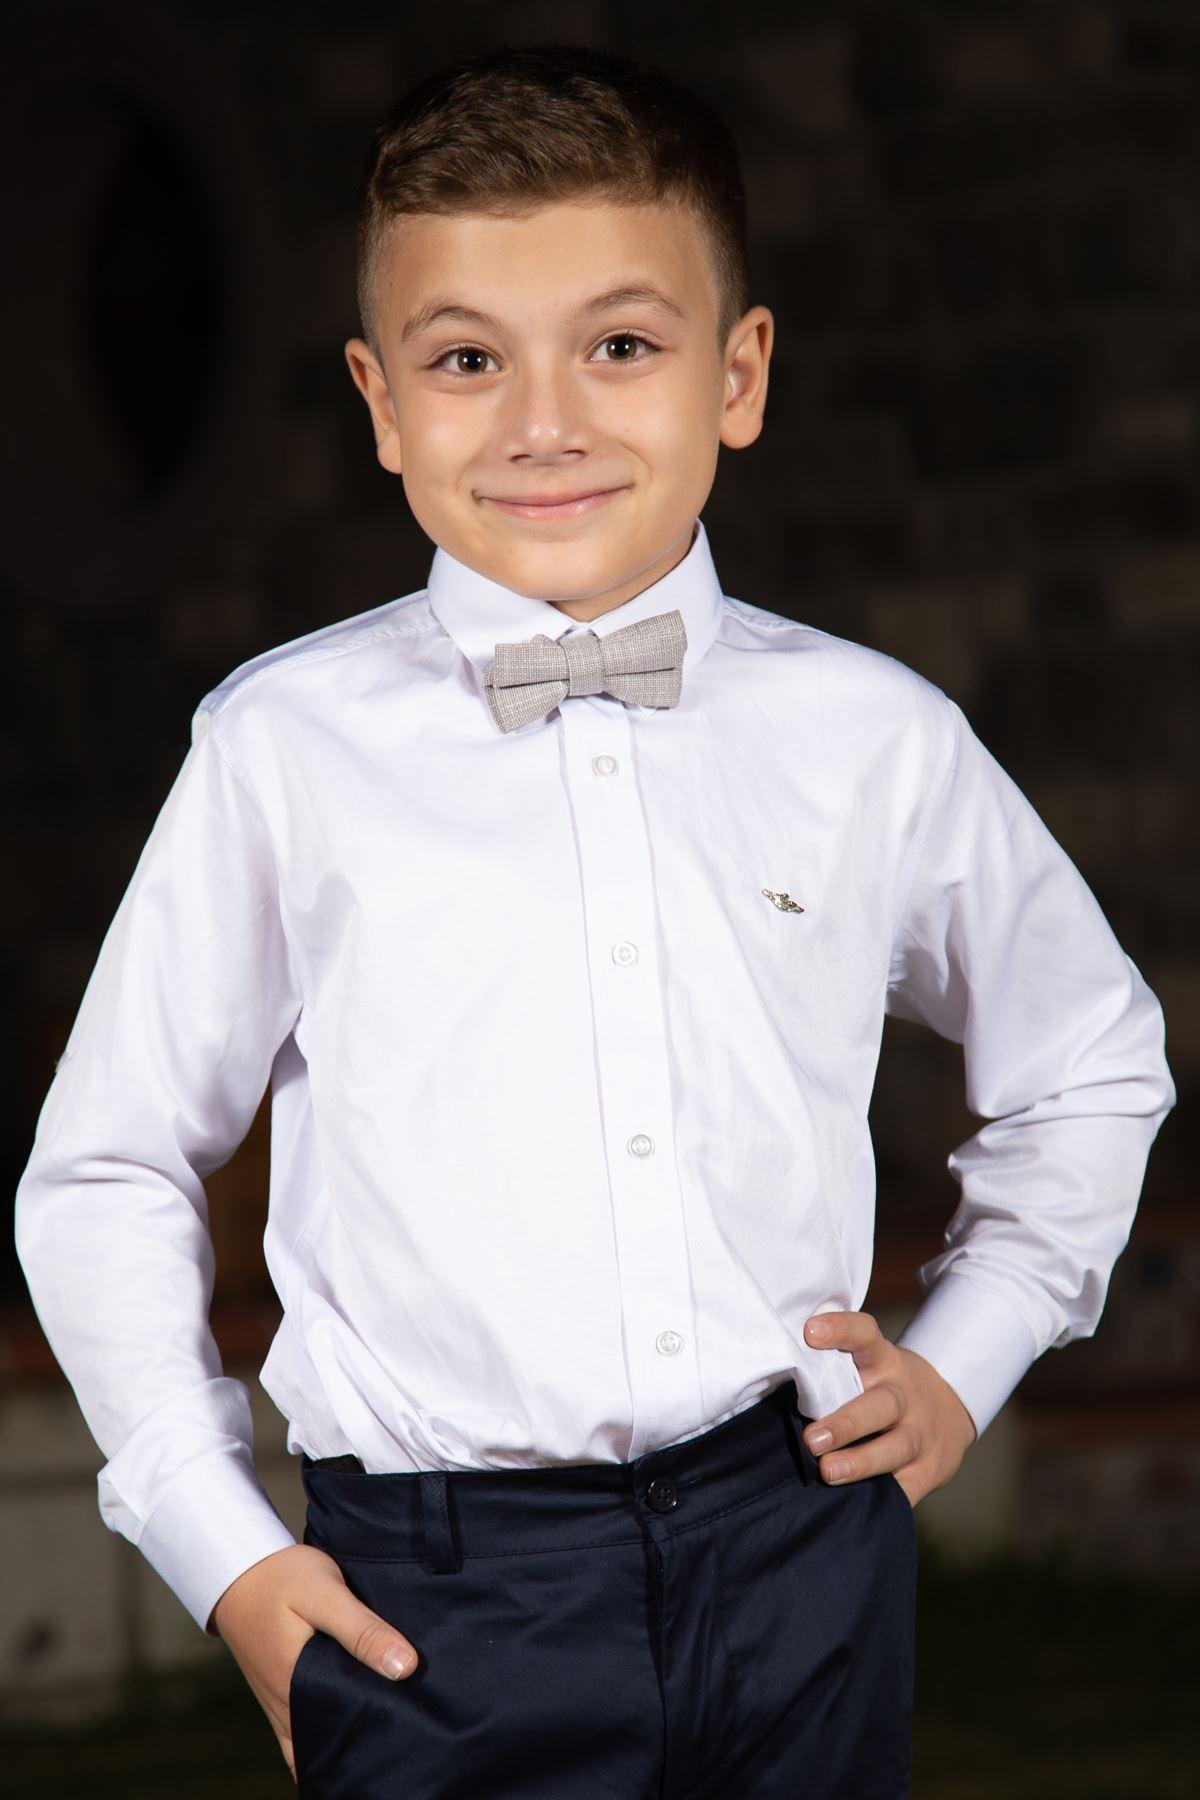 Обычный воротник, Хлопок-сатин, Детальная розетка, Рубашка для мальчика 1007 Белый